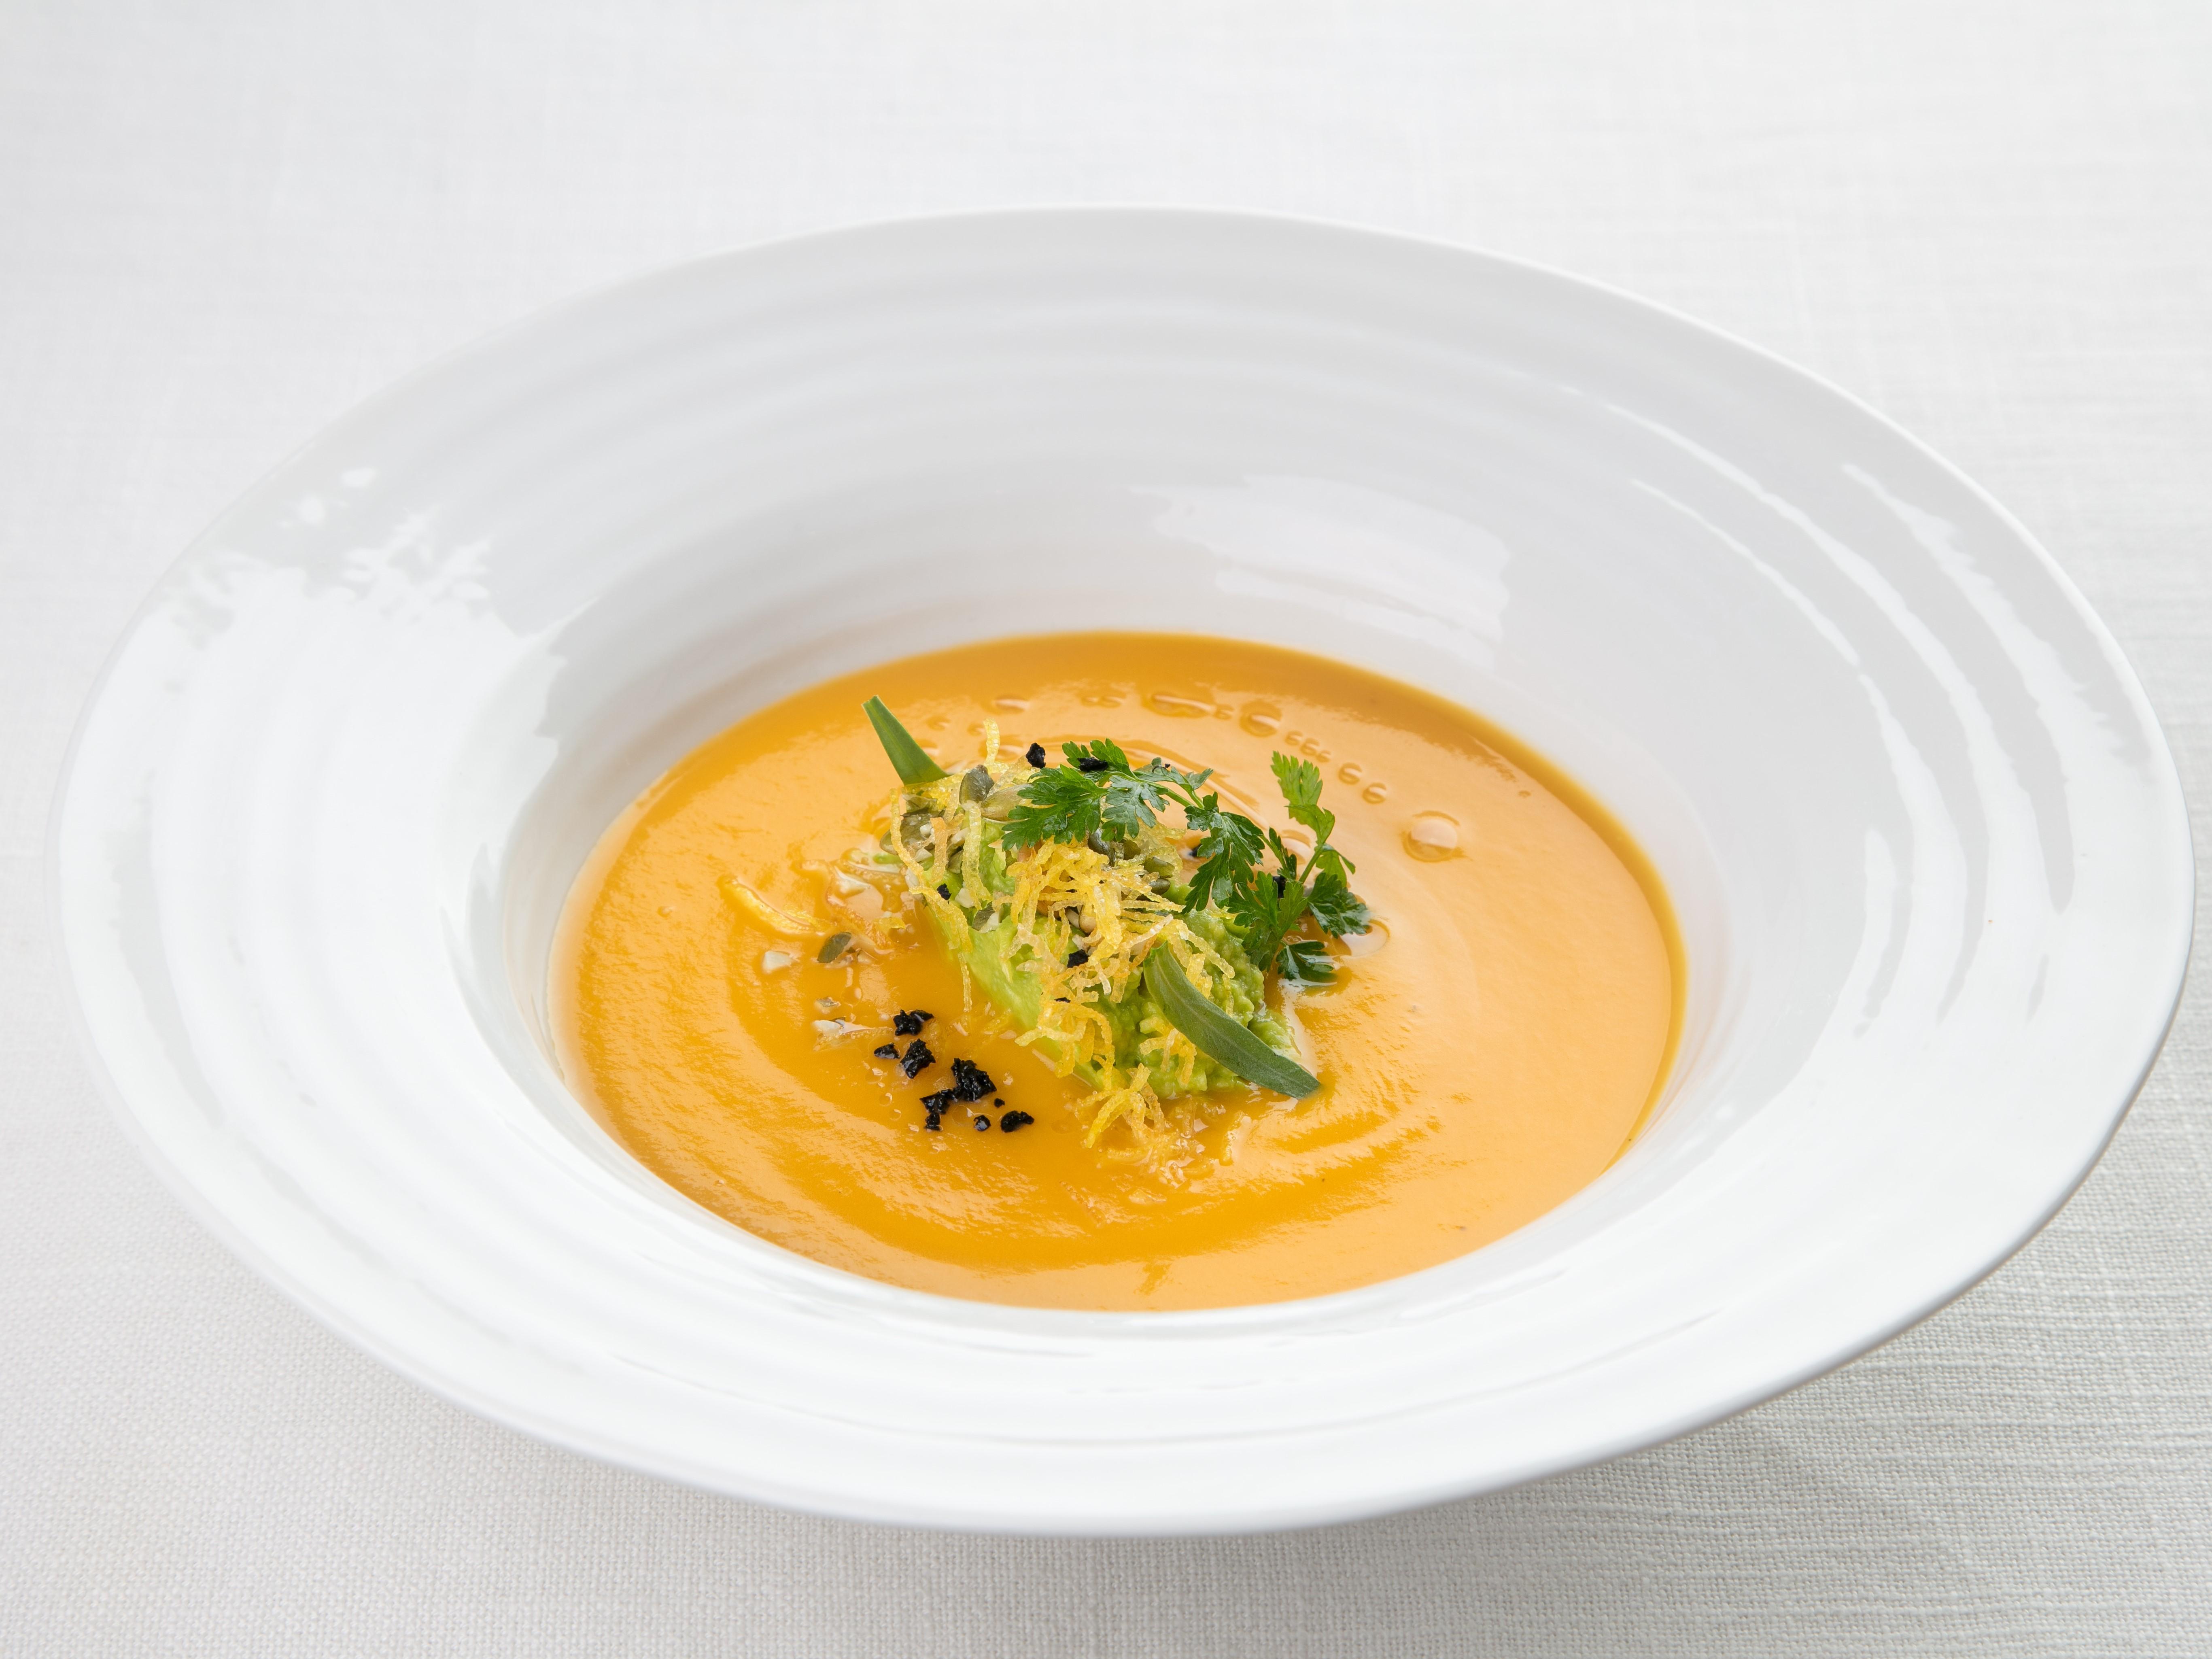 Суп-крем из тыквы с миндальным молоком и кервелем